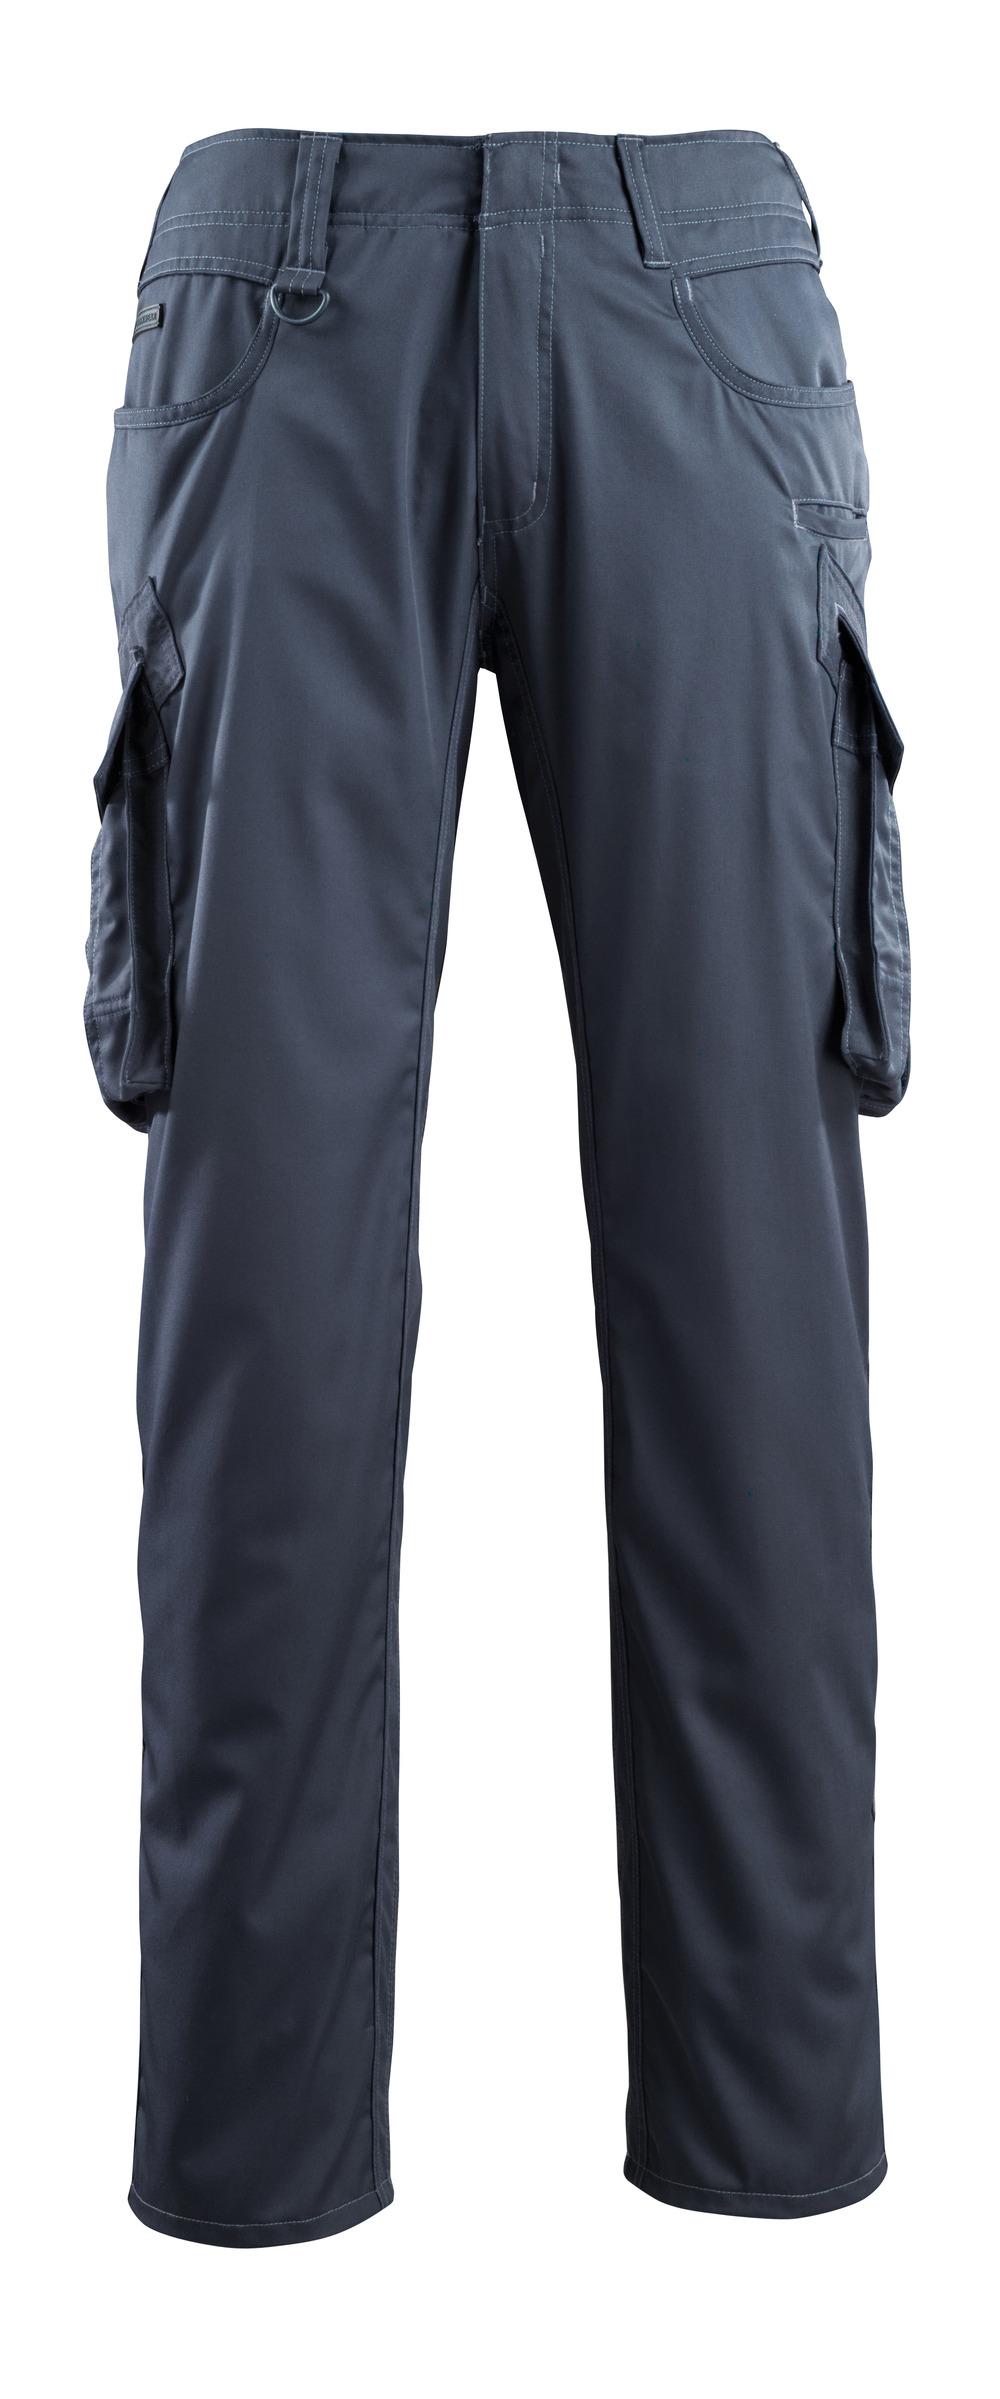 16179-230-010 Pantalones con bolsillos de muslo - azul marino oscuro